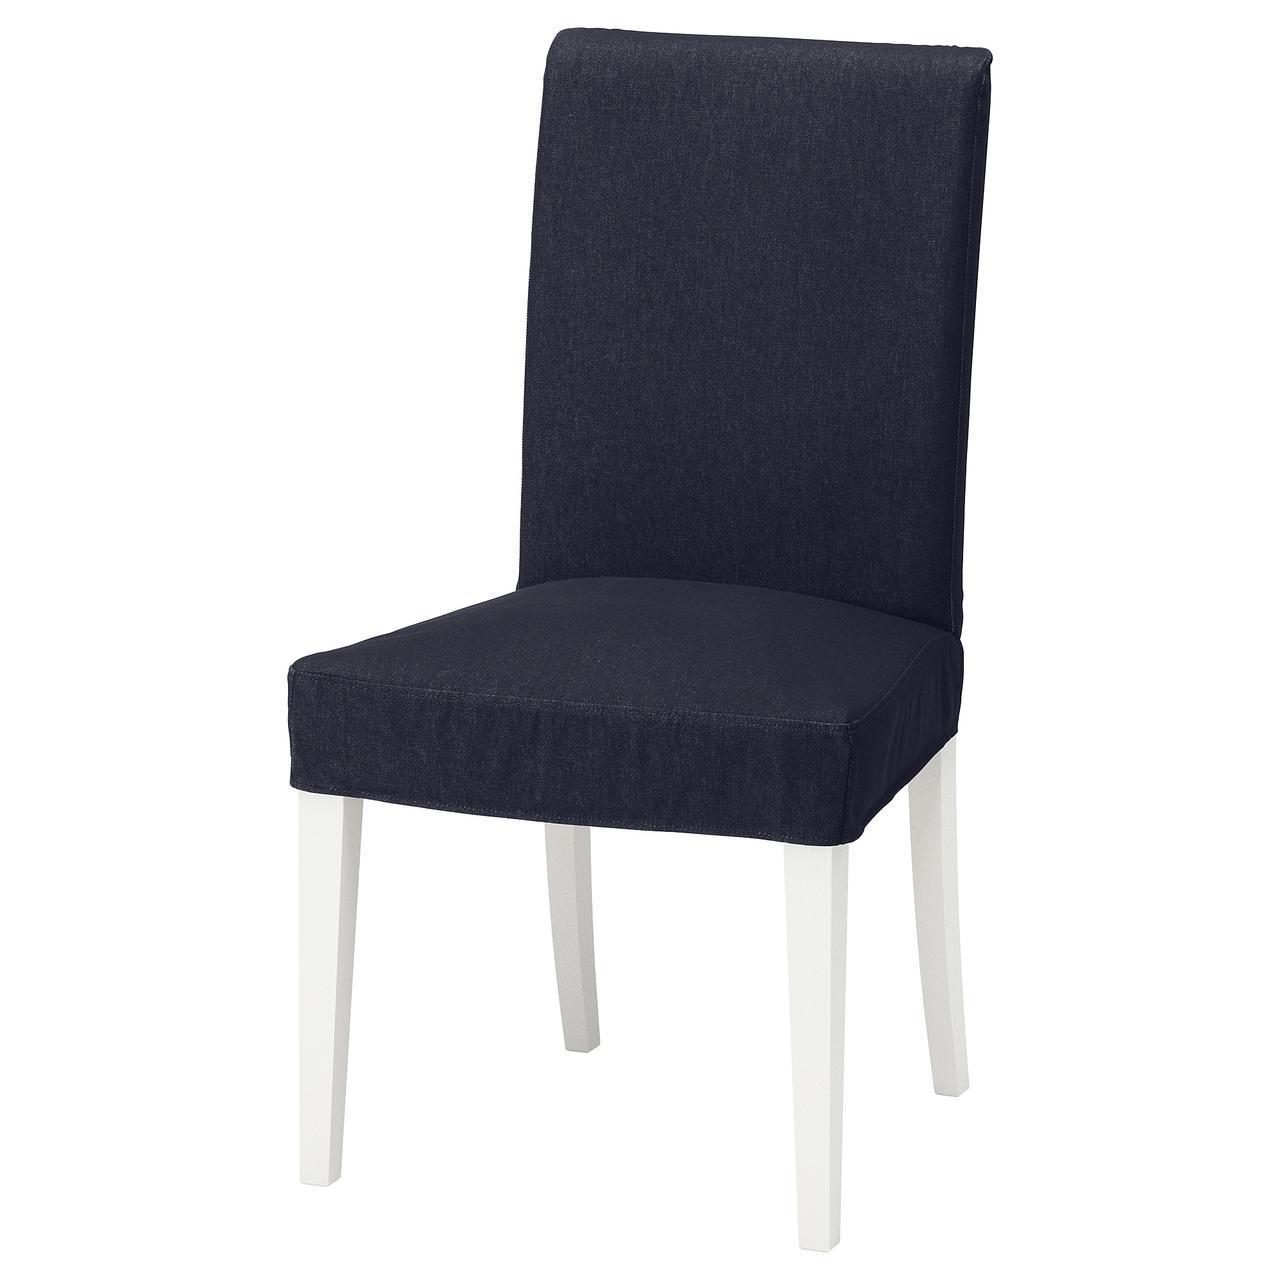 Кресло кухонное IKEA HENRIKSDAL Vansta белое темно-синее 092.519.42